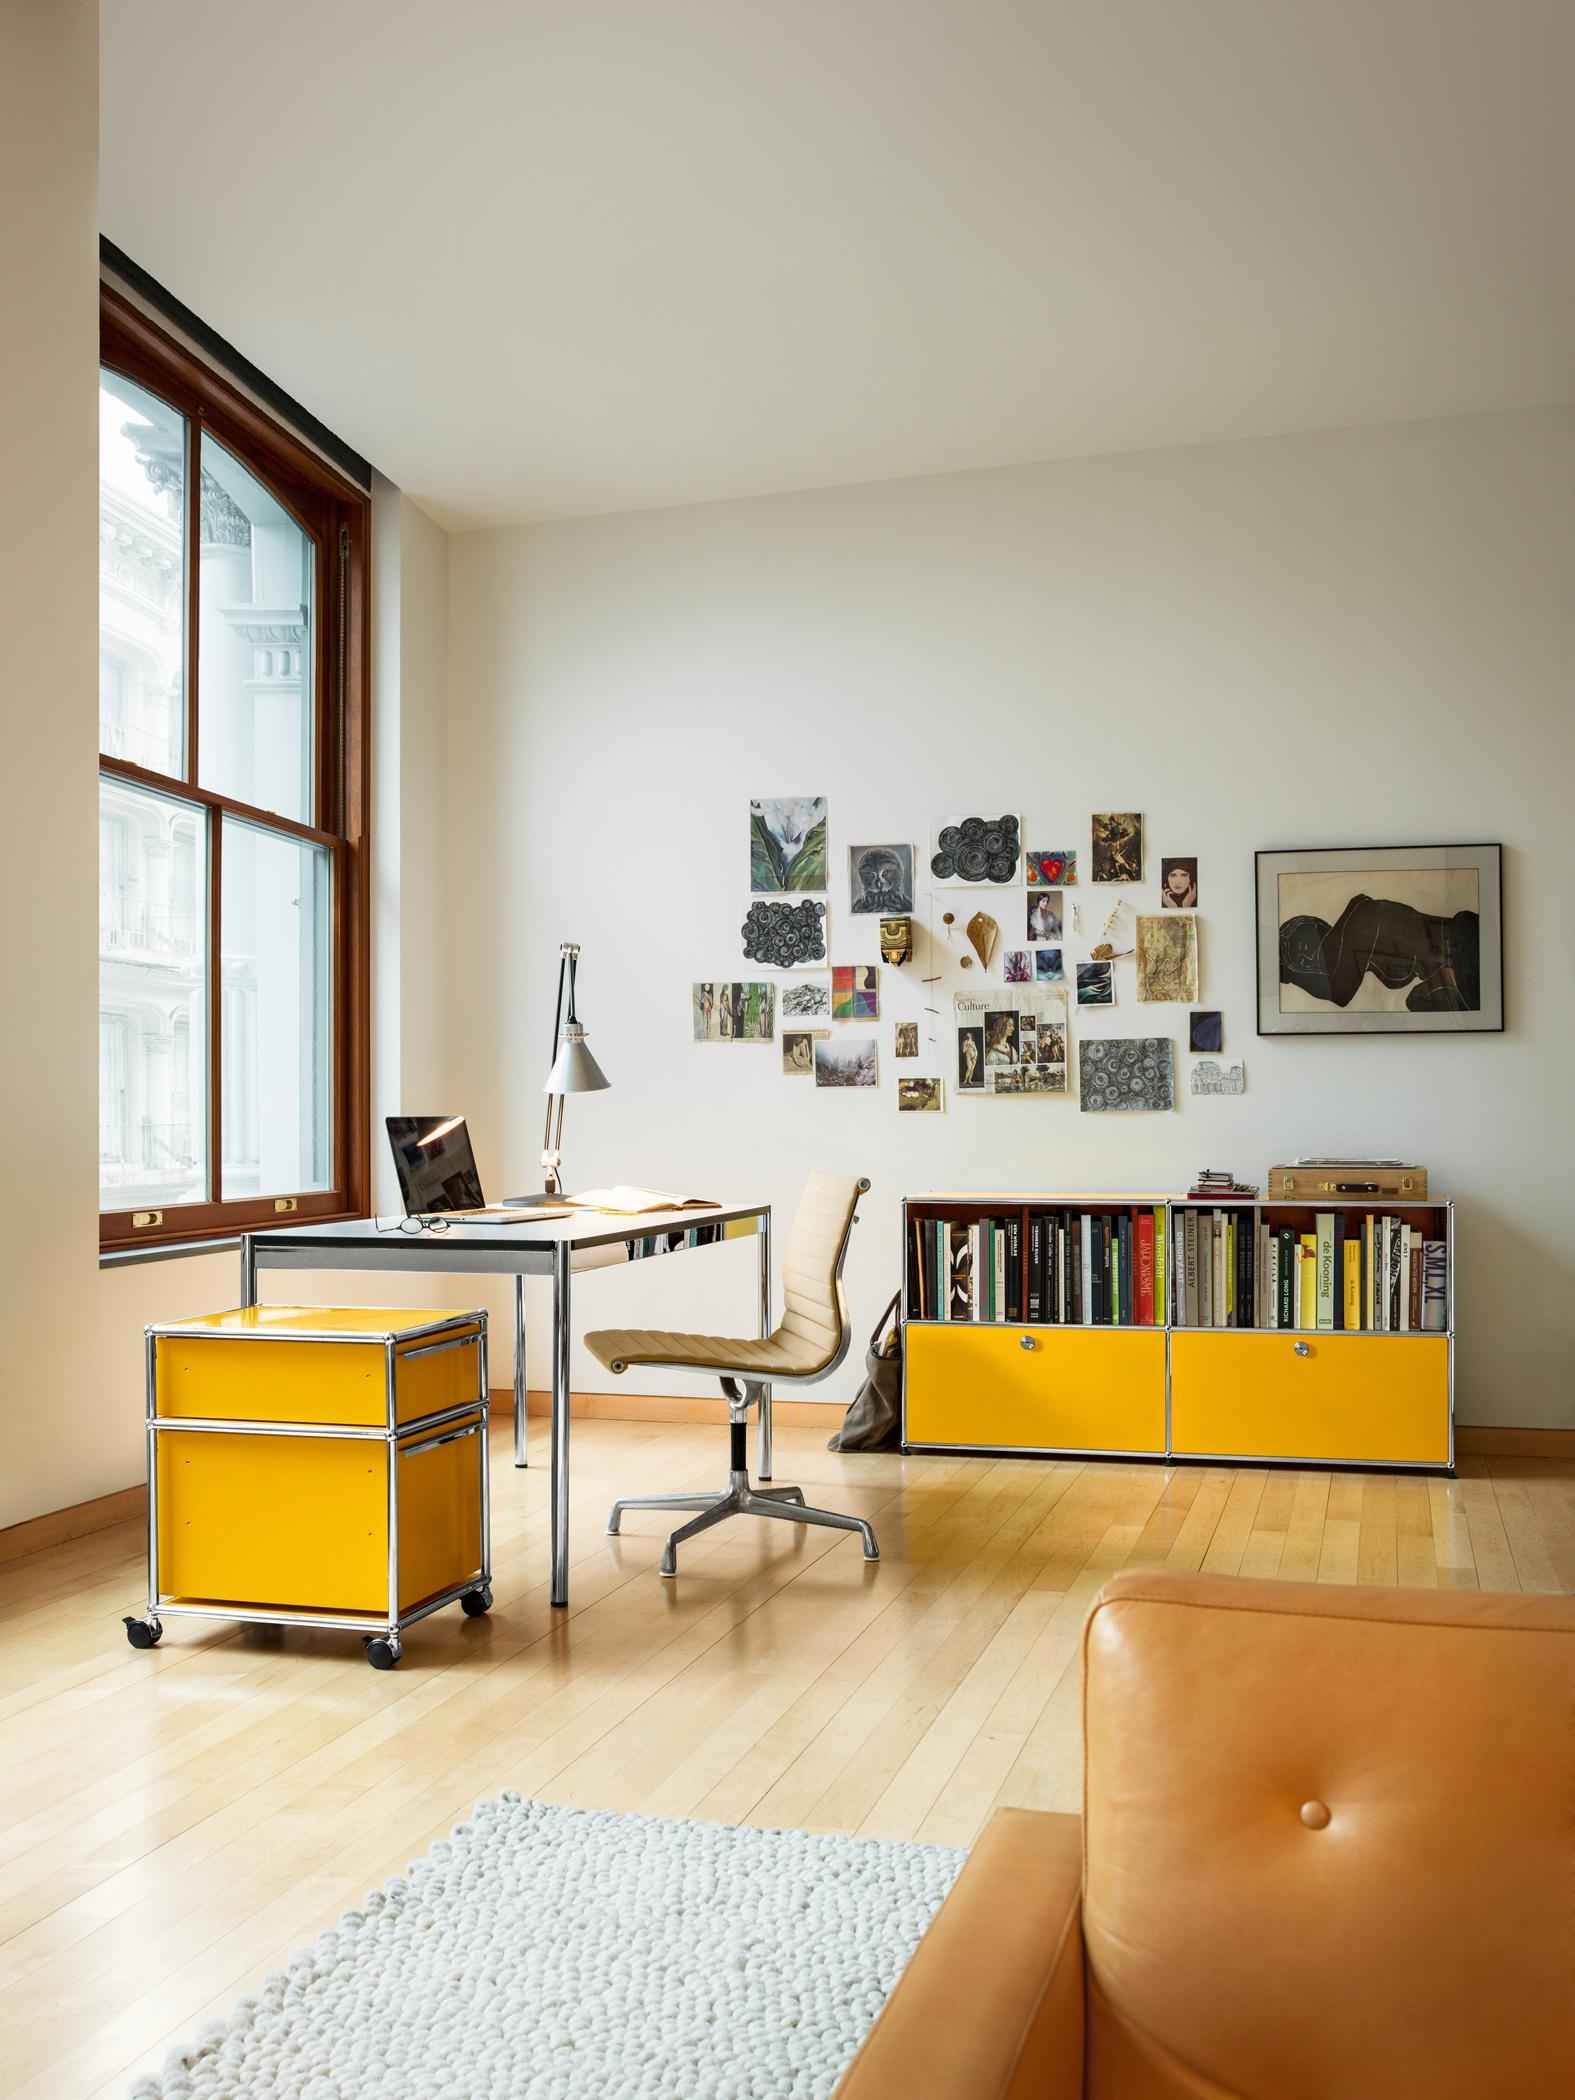 Designermöbel schreibtisch  Büromöbel • Bilder & Ideen • COUCHstyle